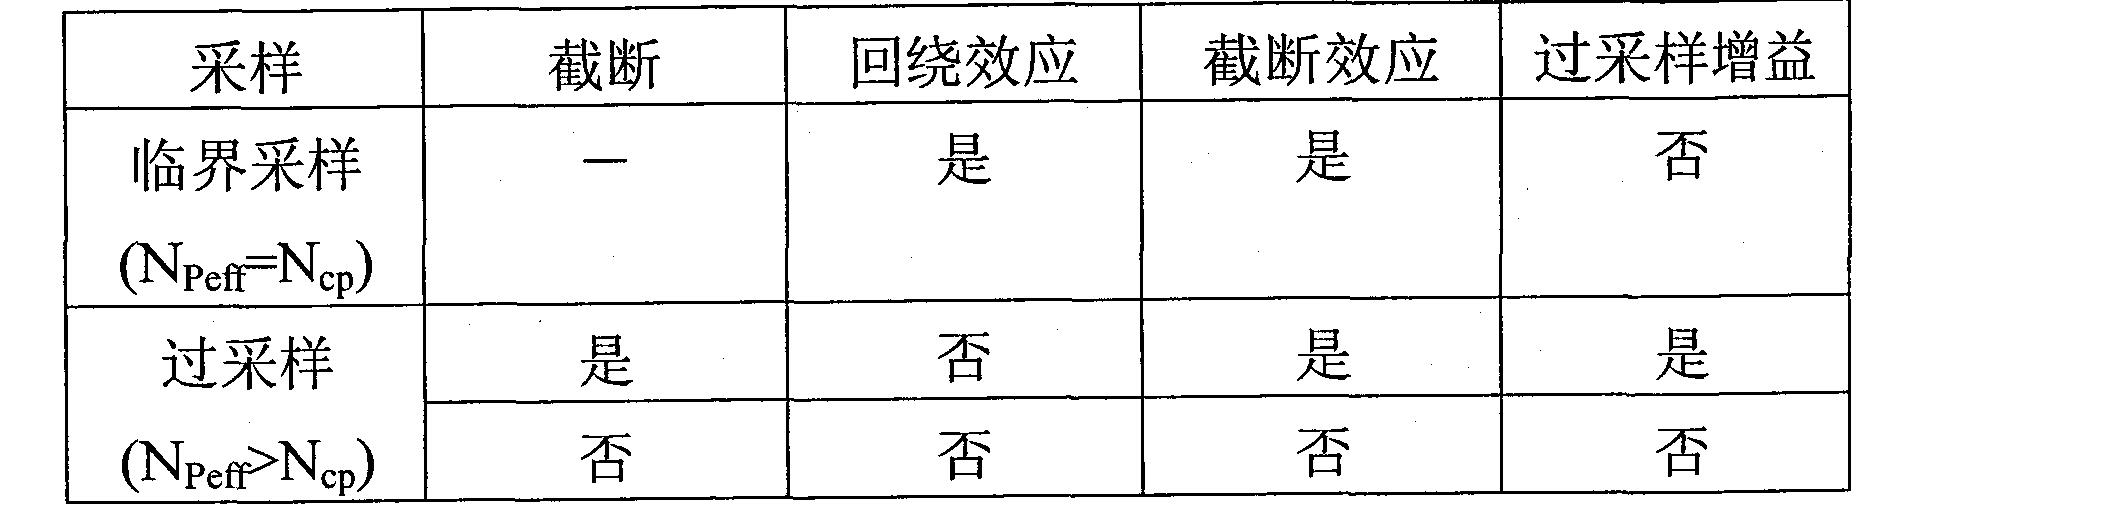 Figure CN101040503BD00141